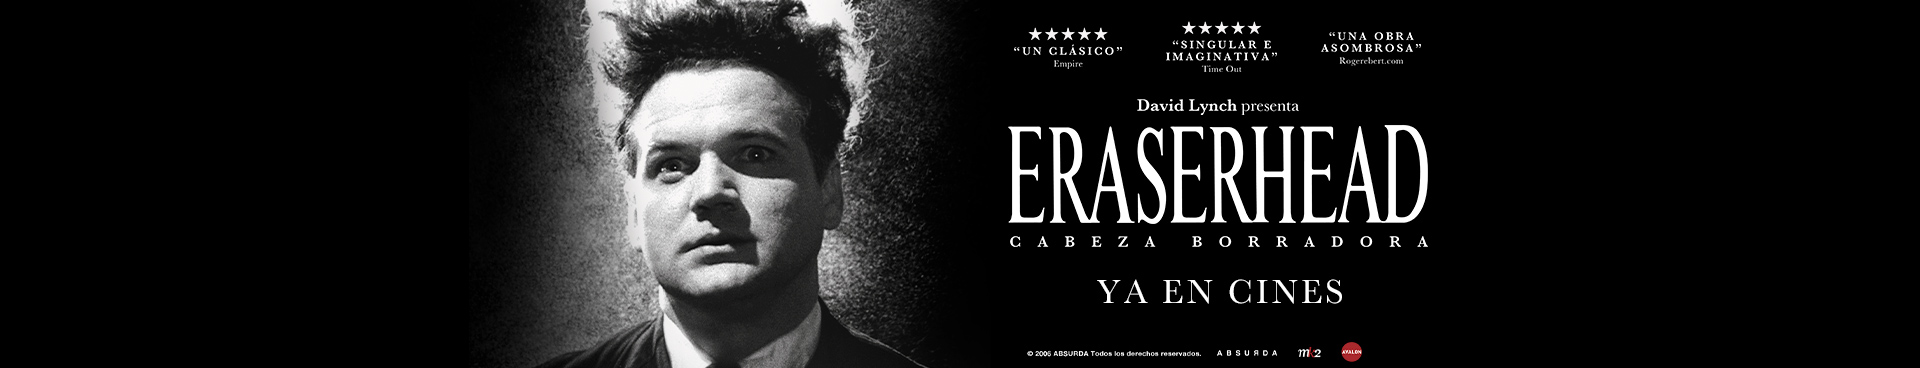 Eraserhead (Cabeza borradora)